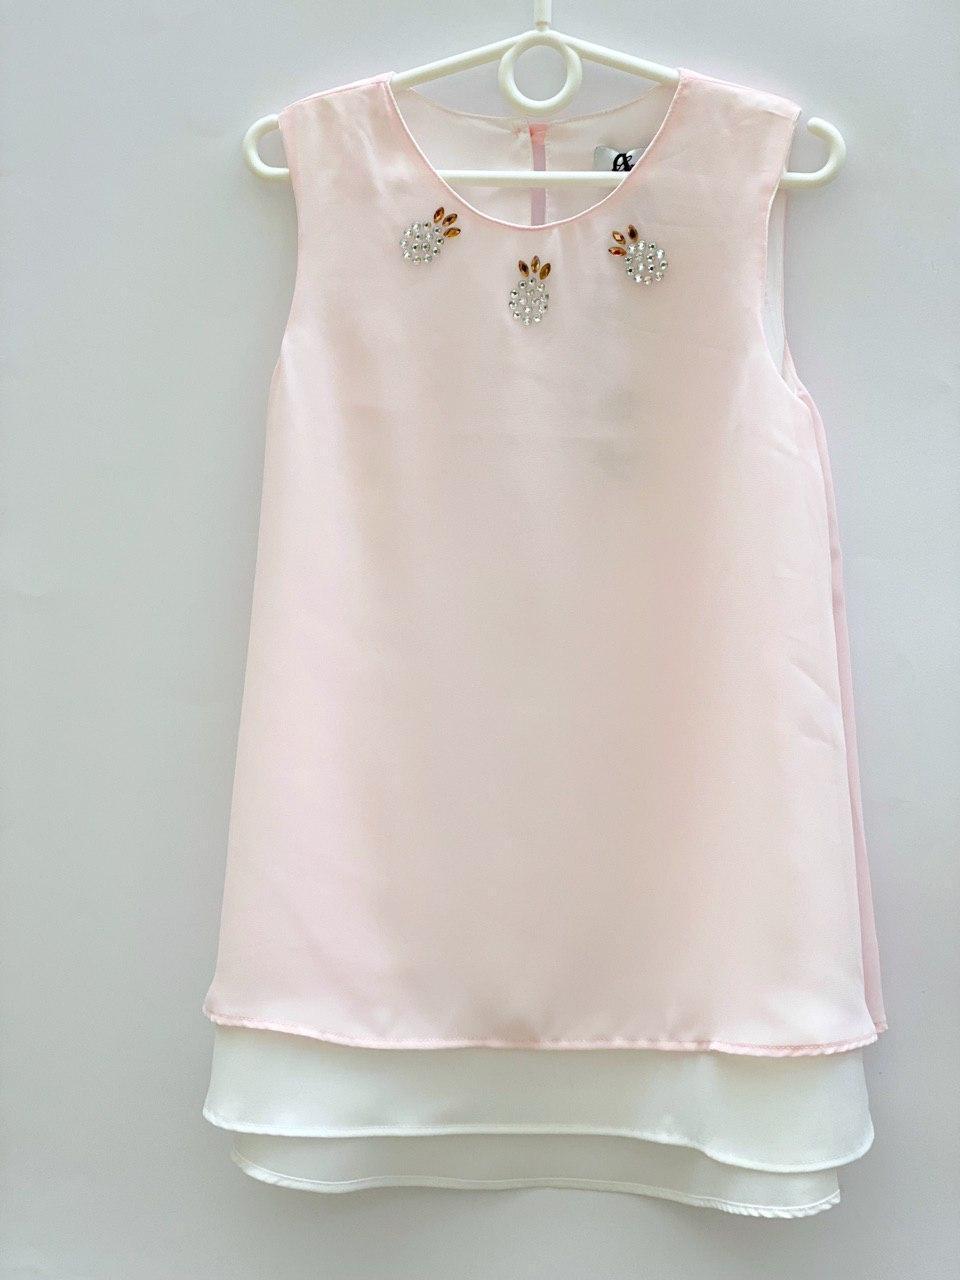 Нарядна блузка для дівчинки, розміри 6, 7, 8, 9, 10, 11 років